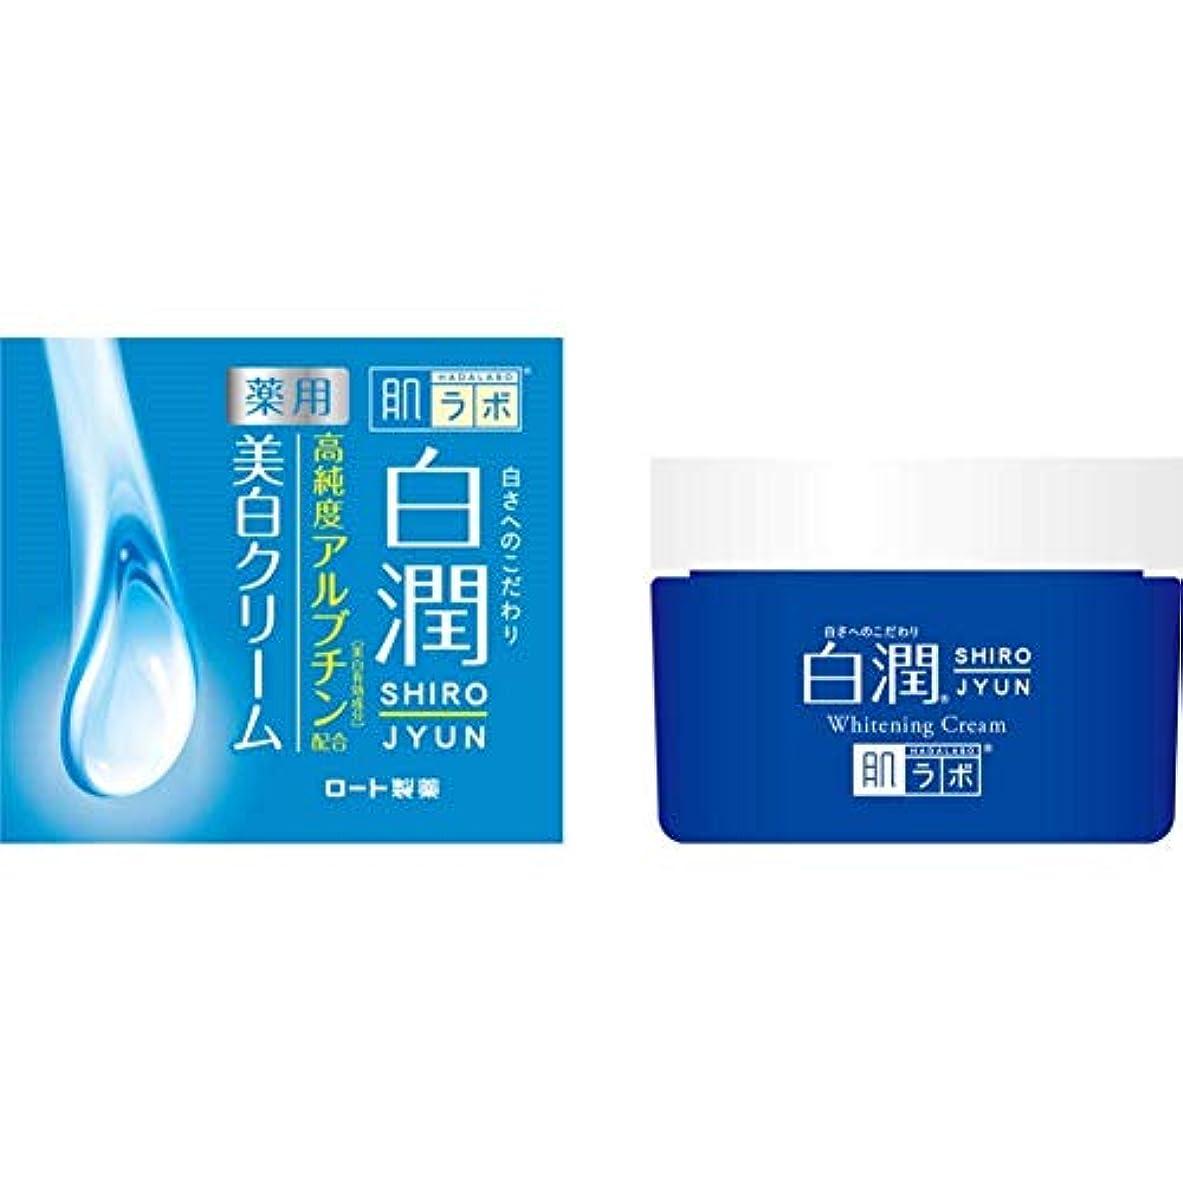 コモランマ深く流星【ロート製薬】肌研 白潤薬用美白クリーム 50g(医薬部外品) ×3個セット